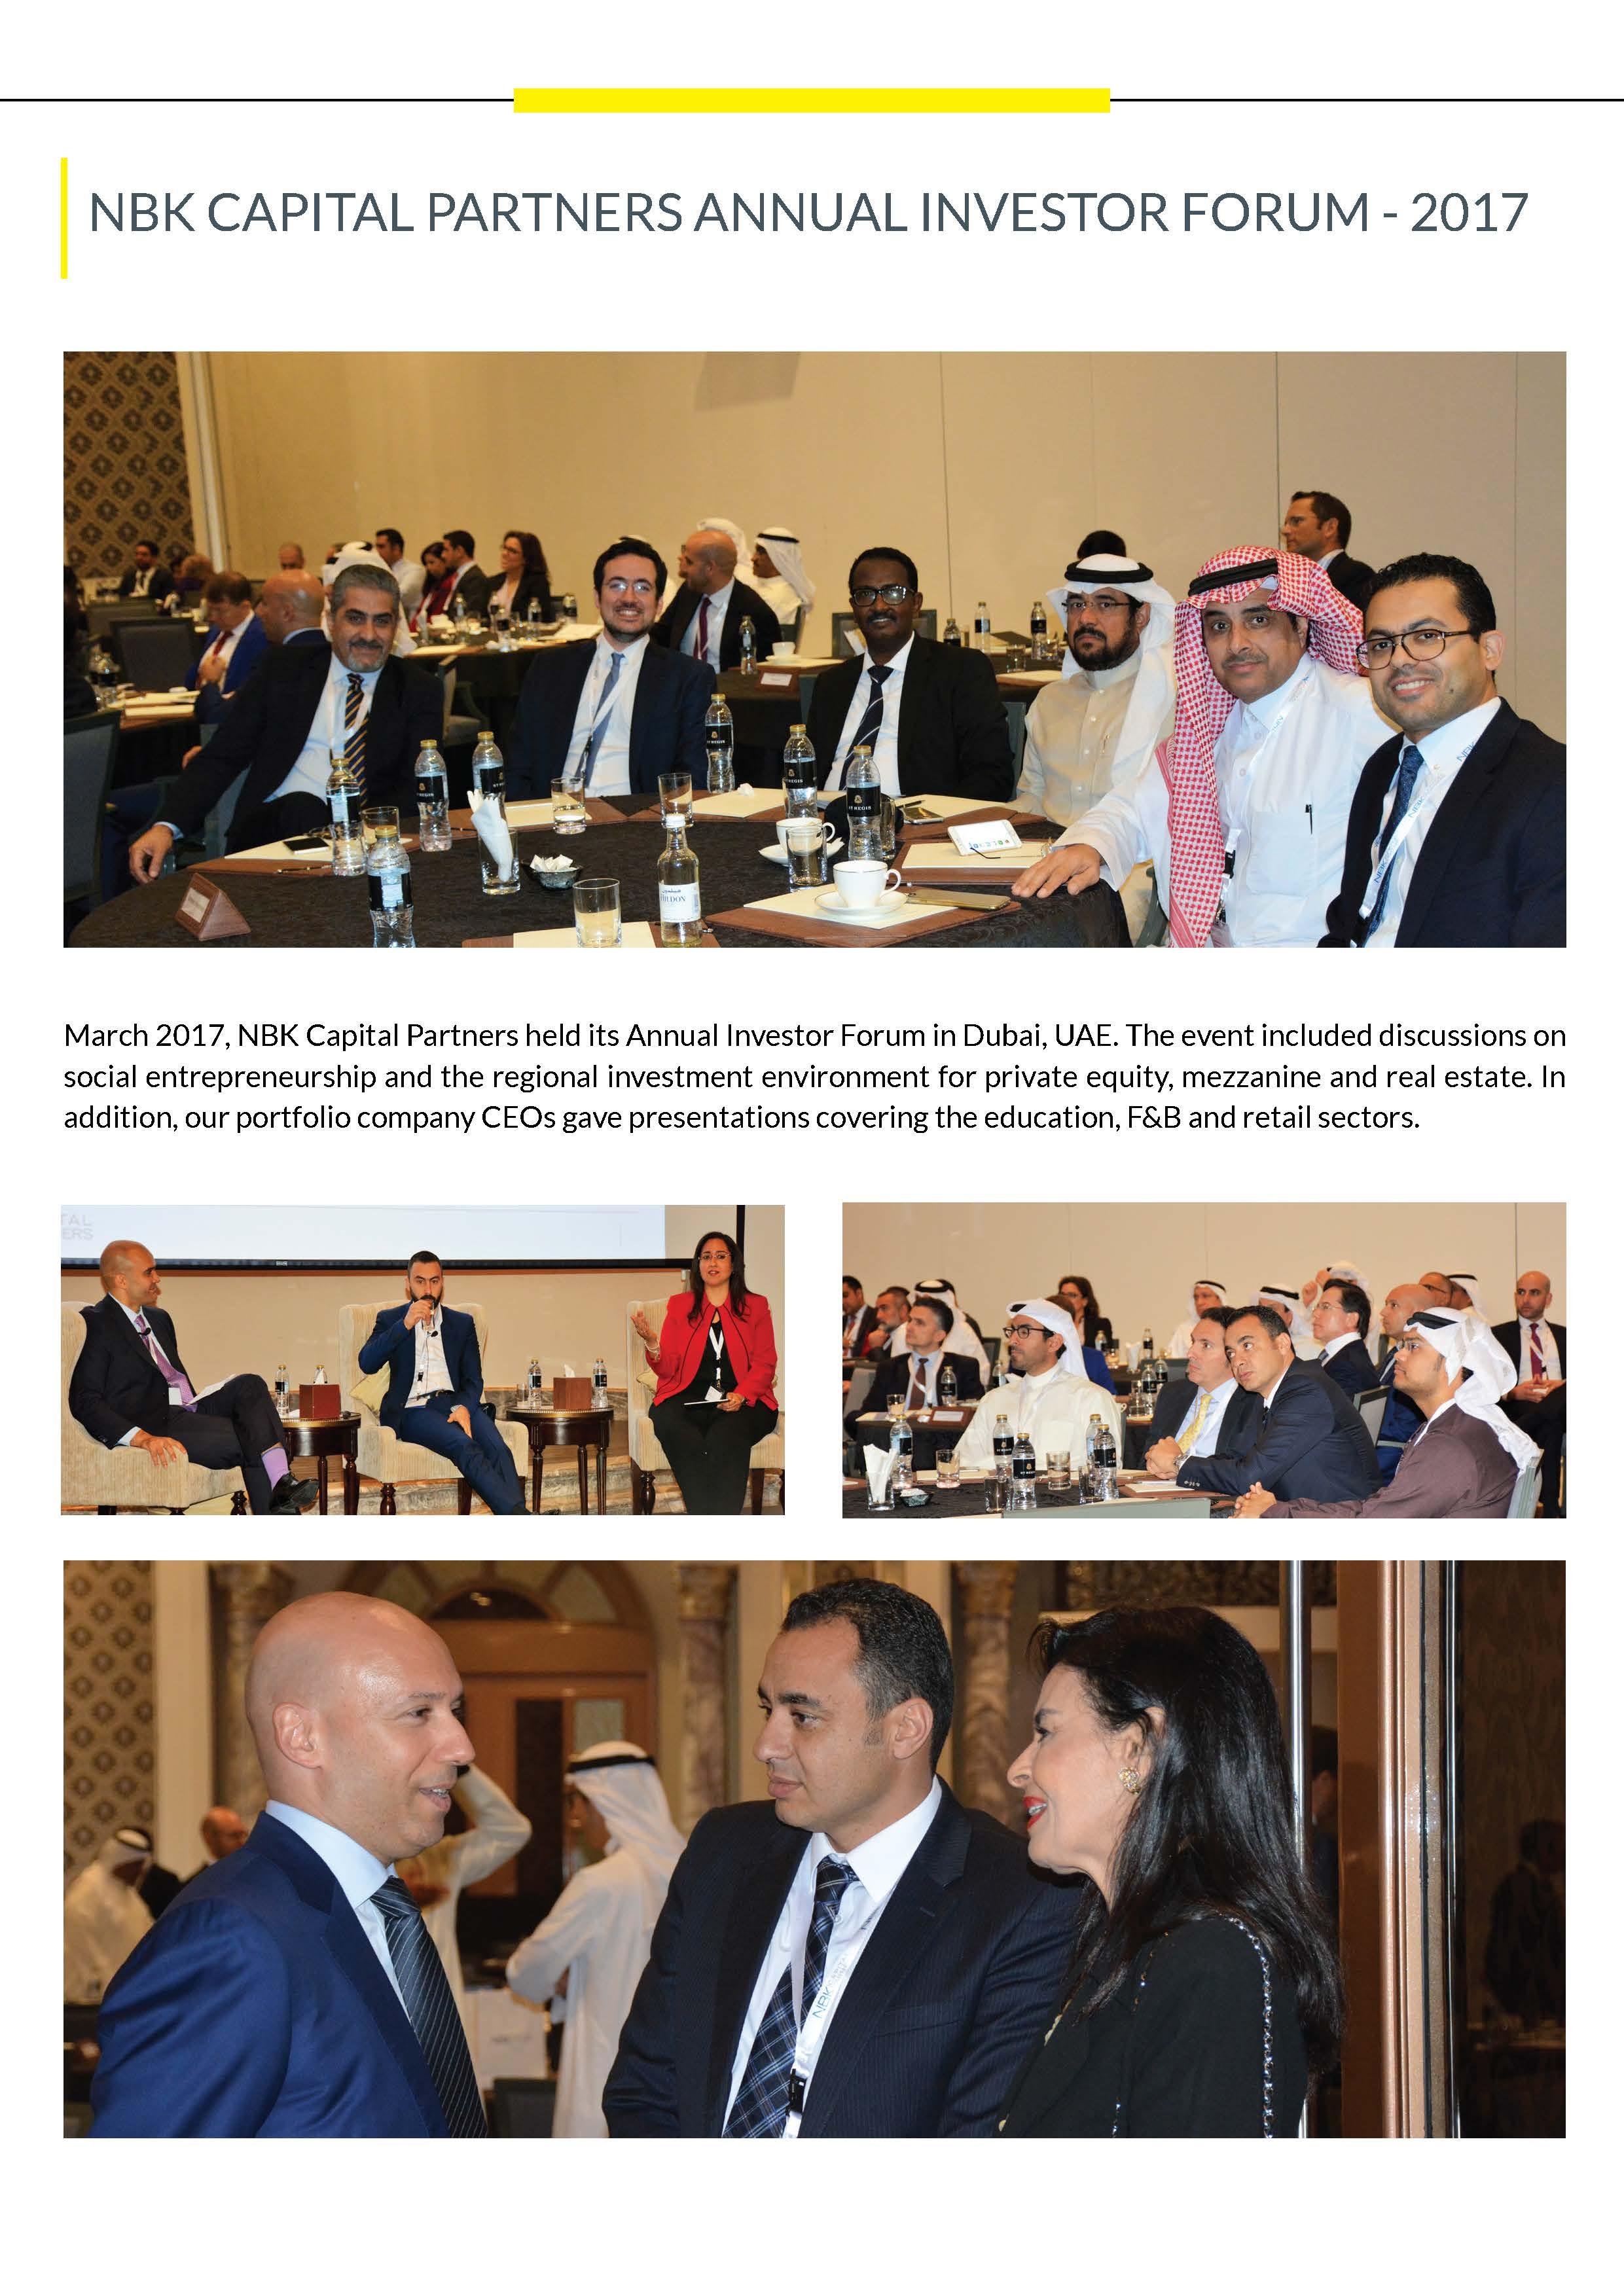 Annual Investor Forum 2017